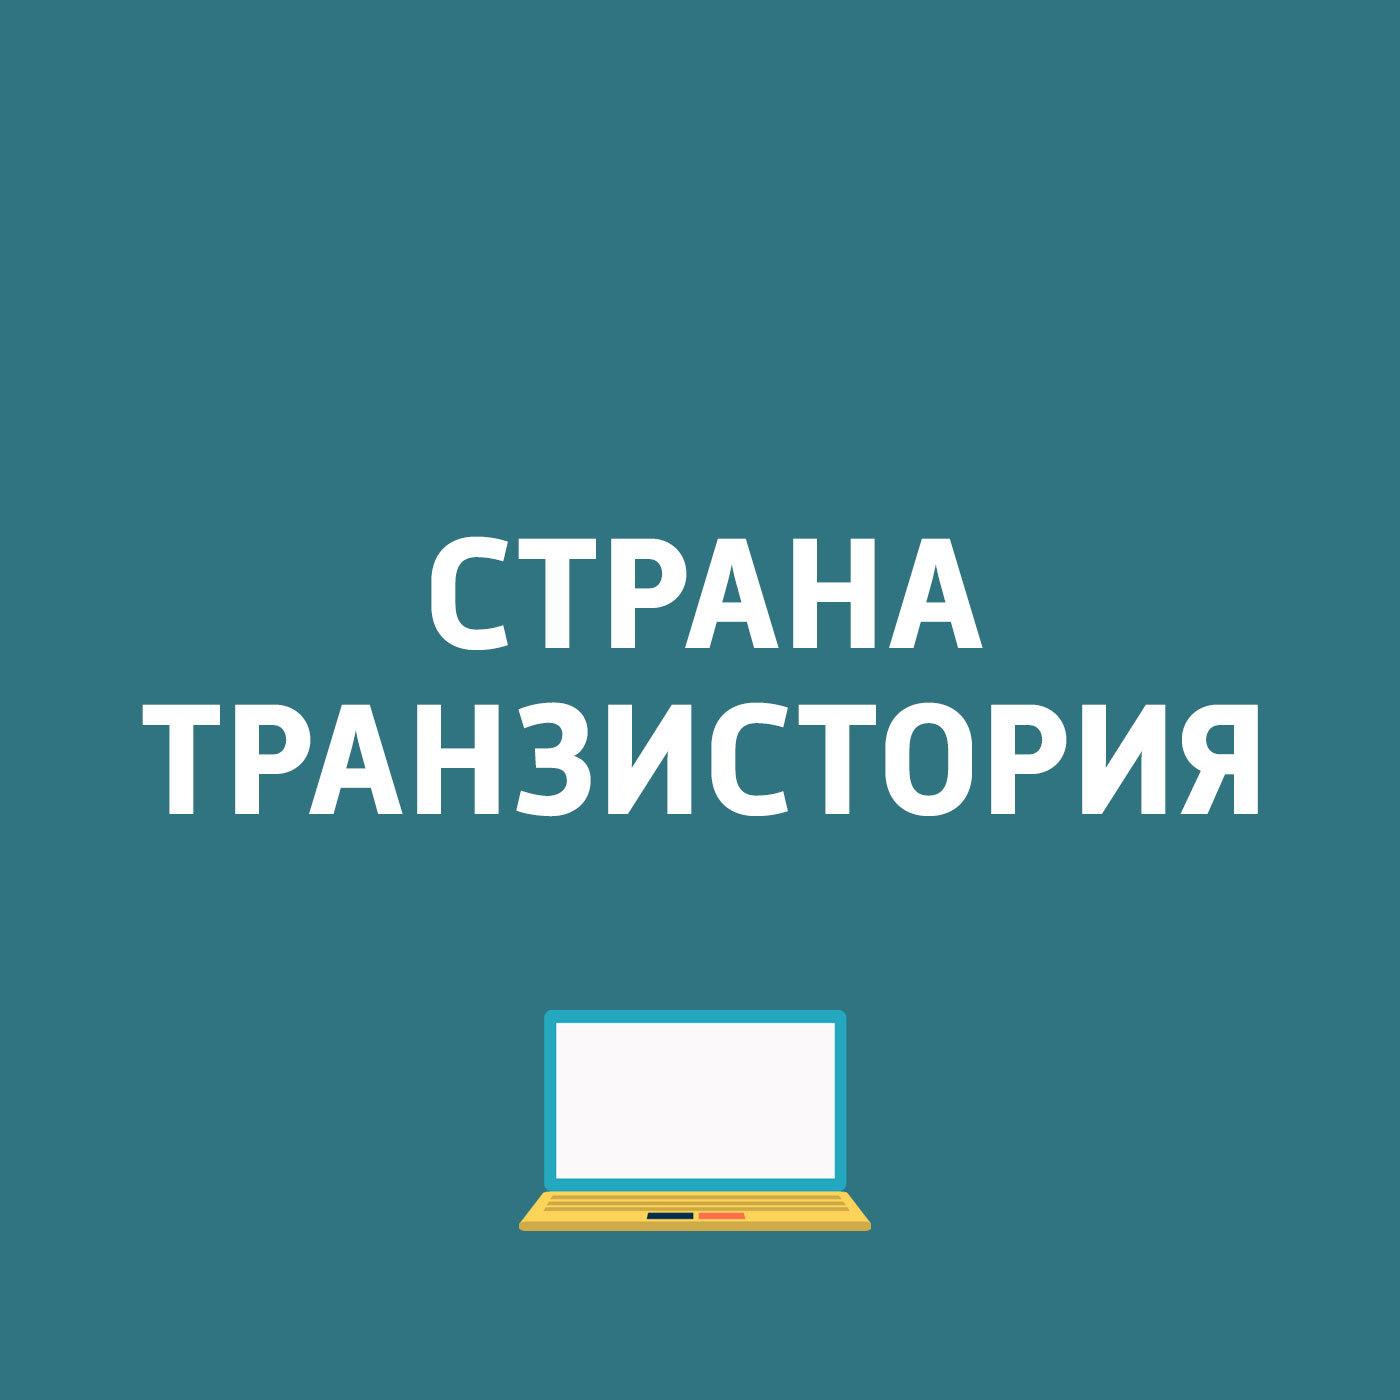 Картаев Павел Медиаприставка NVIDIA SHIELD TV 2017 года картаев павел archos объявила о старте продаж планшета 70c neon в россии